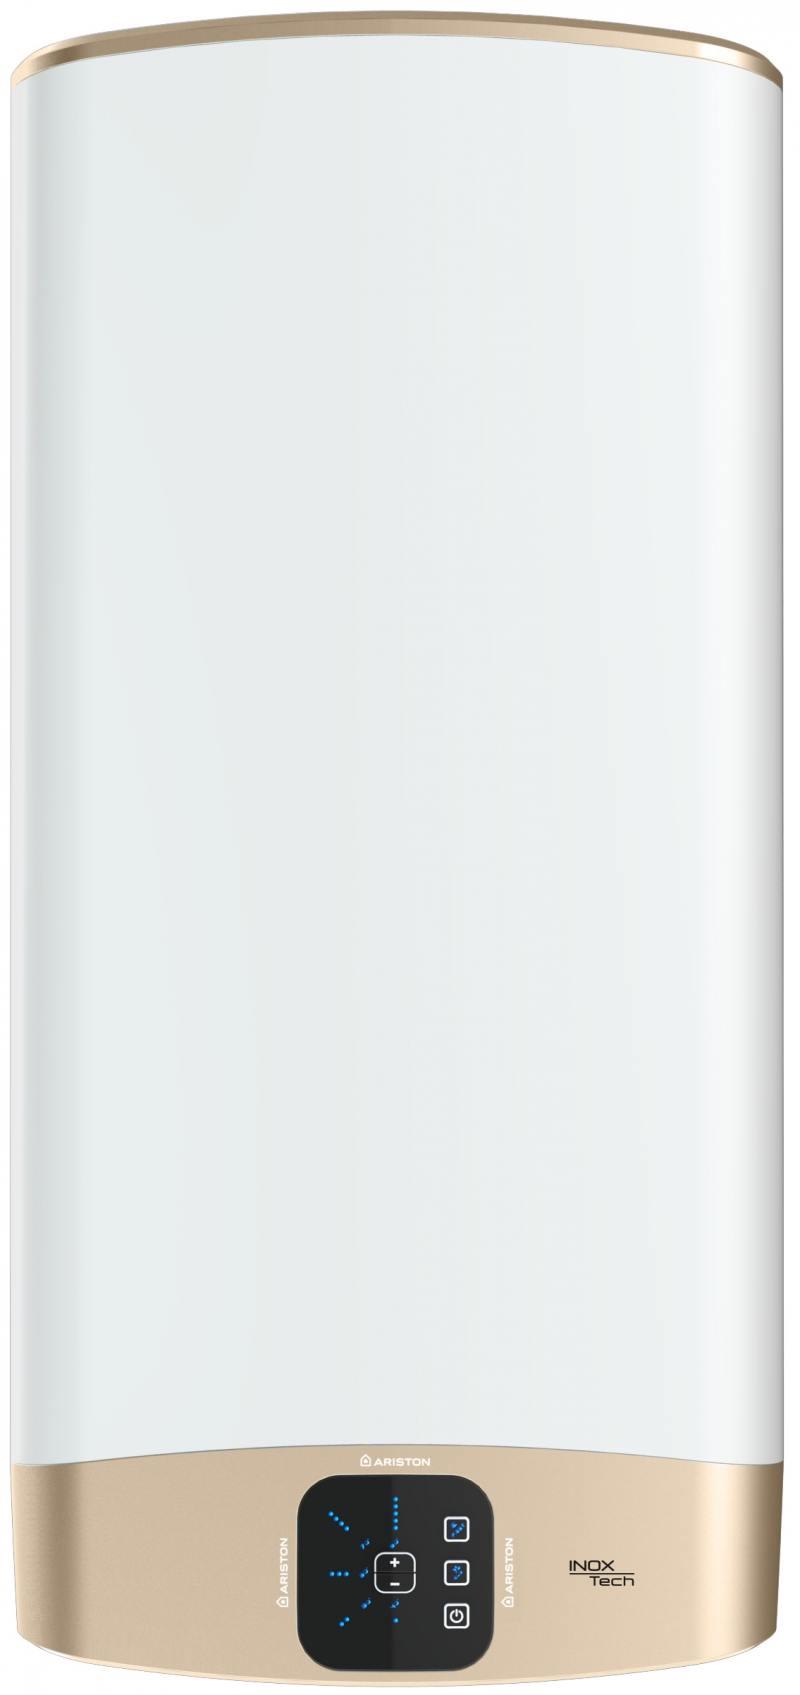 Водонагреватель накопительный Ariston ABS VLS EVO INOX PW 50 D 50л 2.5кВт водонагреватель накопительный ariston abs vls evo inox pw 50